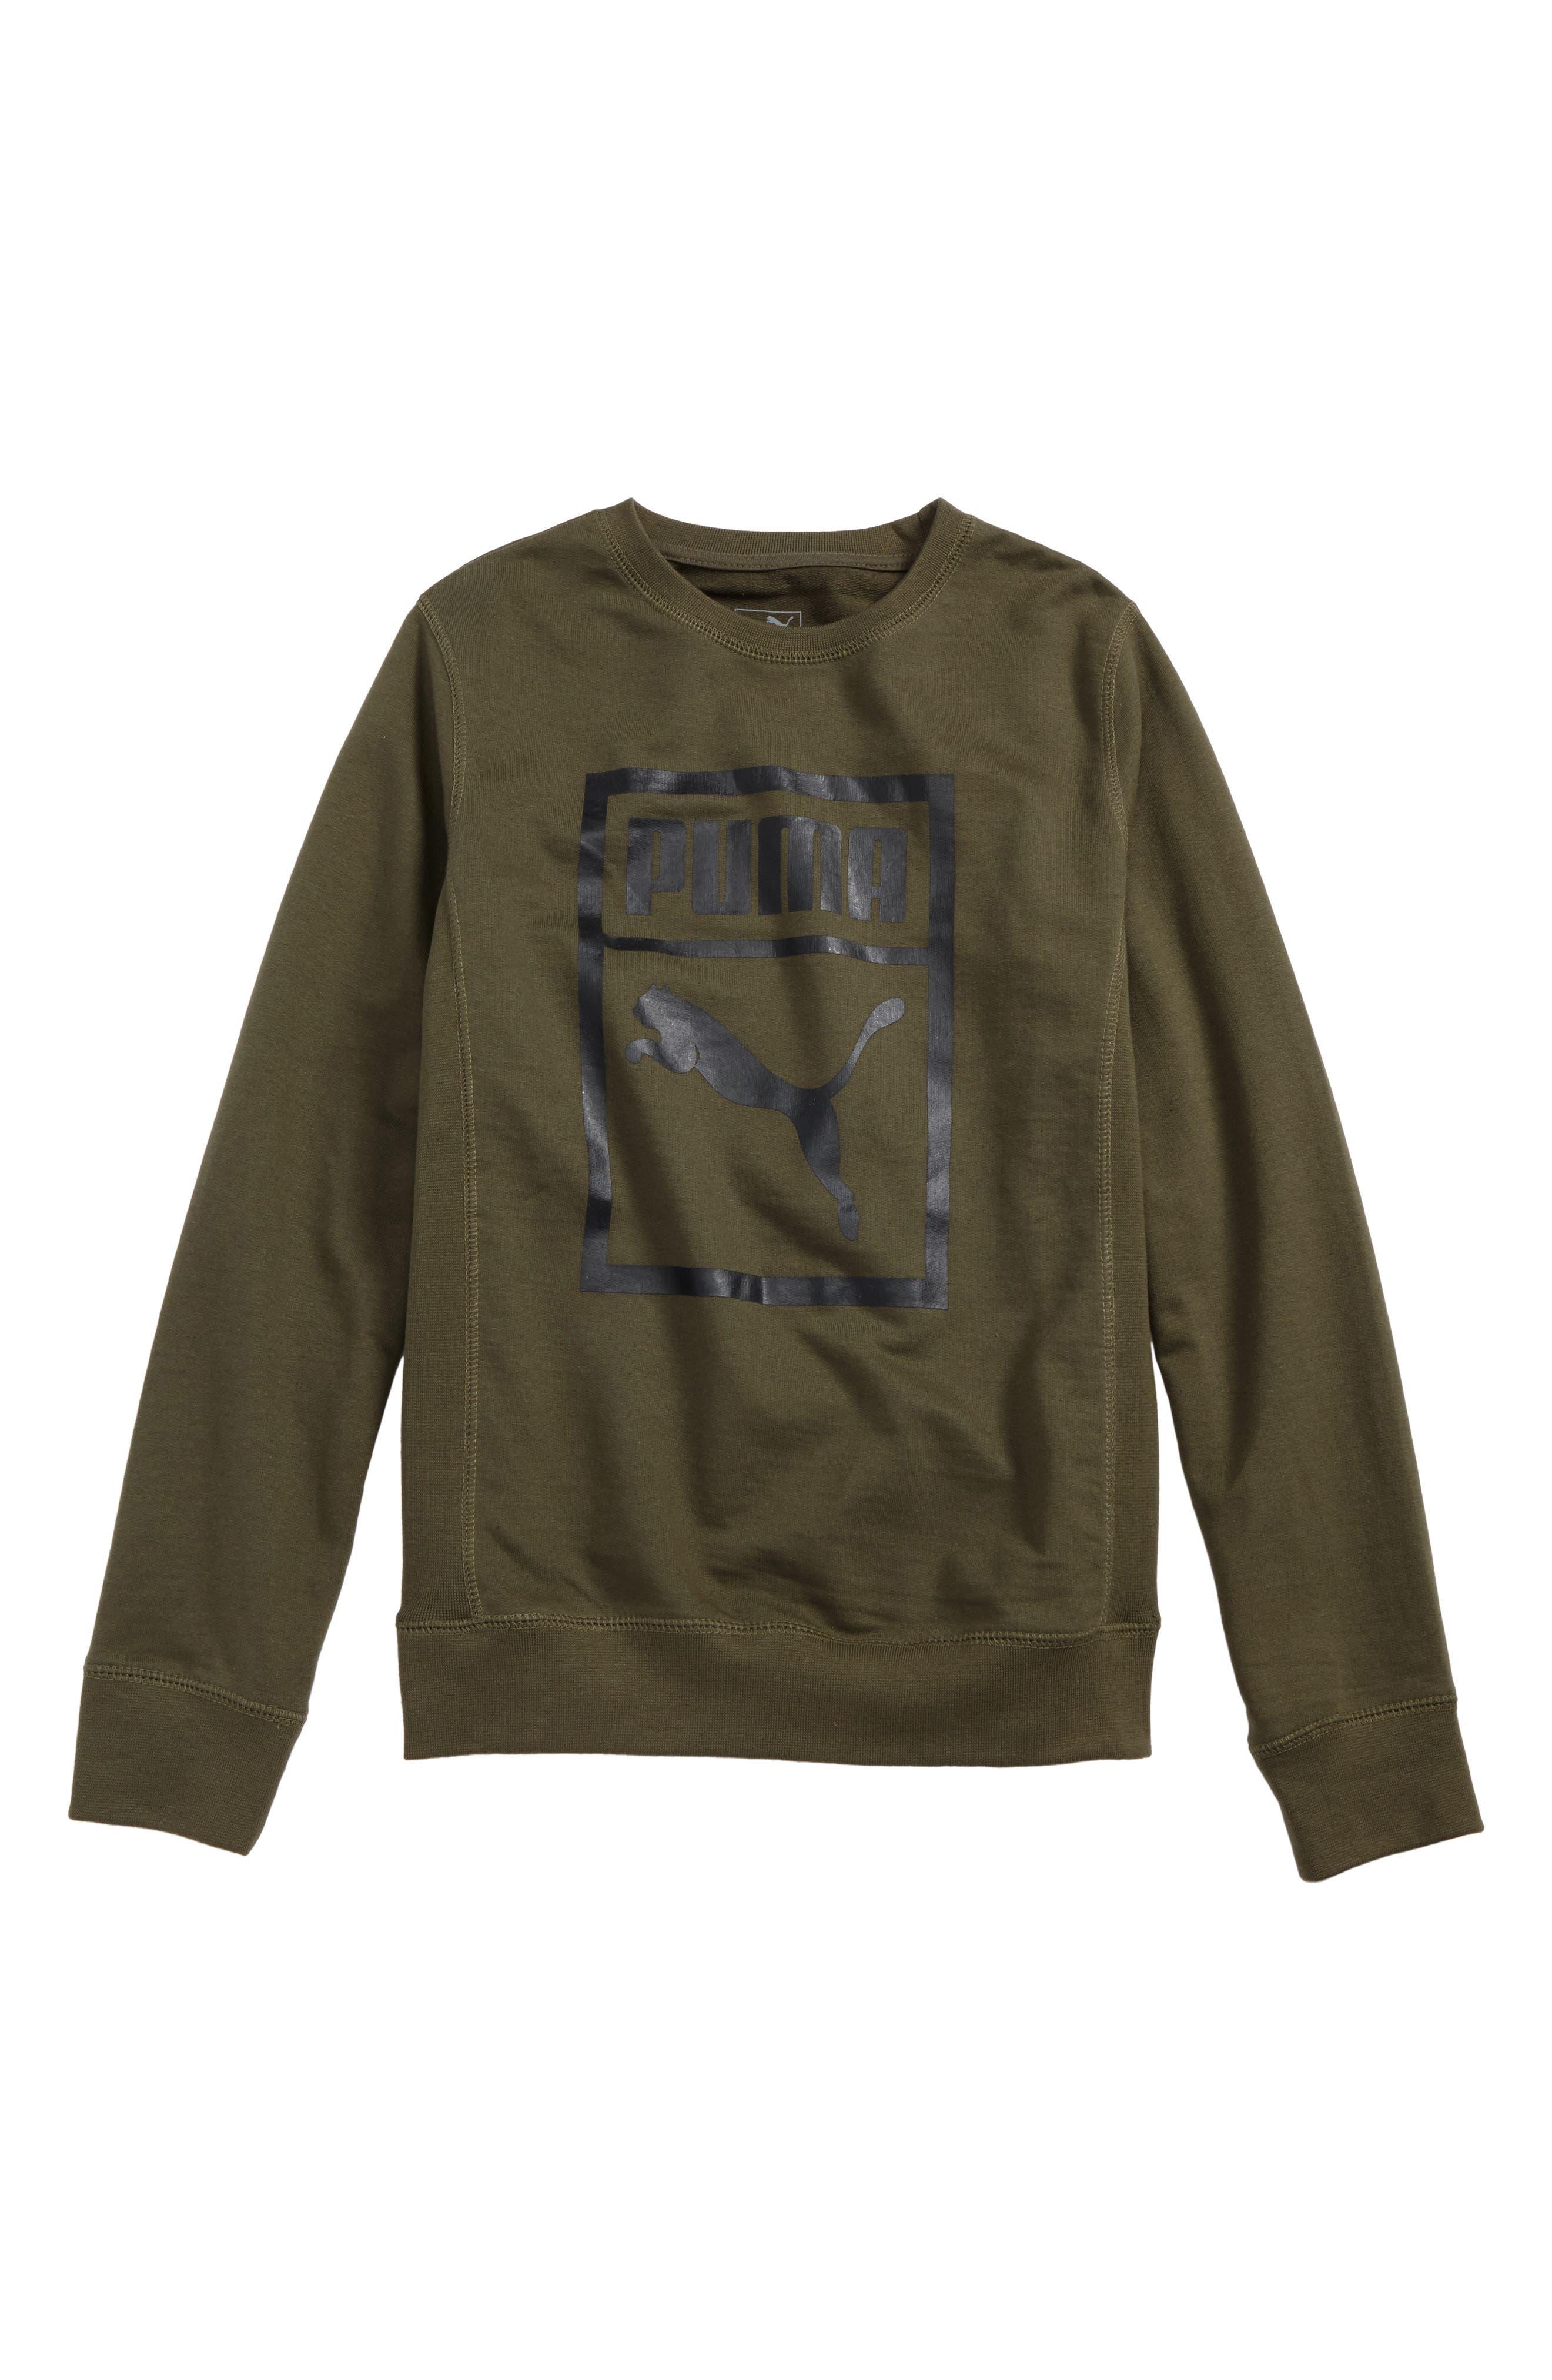 Alternate Image 1 Selected - Puma Heritage Crewneck Sweatshirt (Big Boys)